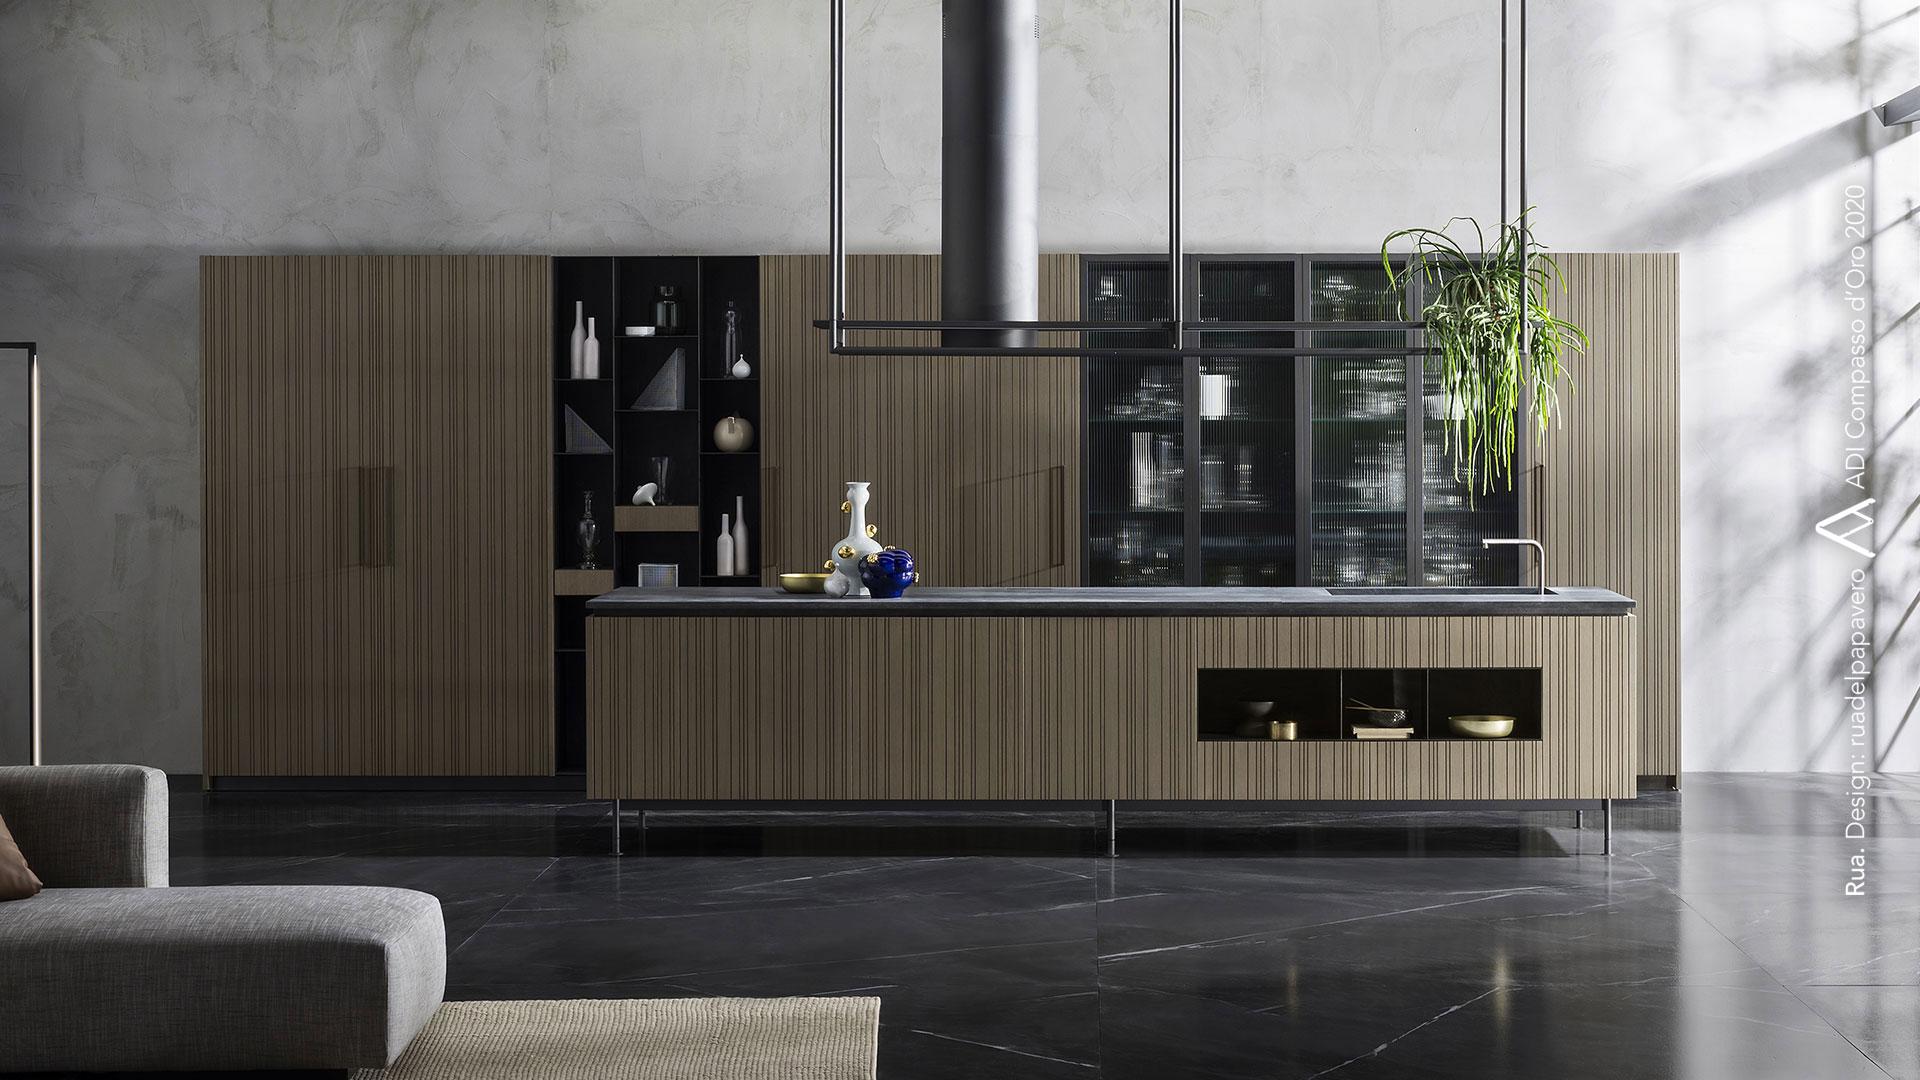 Cucina con isola e cucina il legno collezione RUA - collezione_rua-001